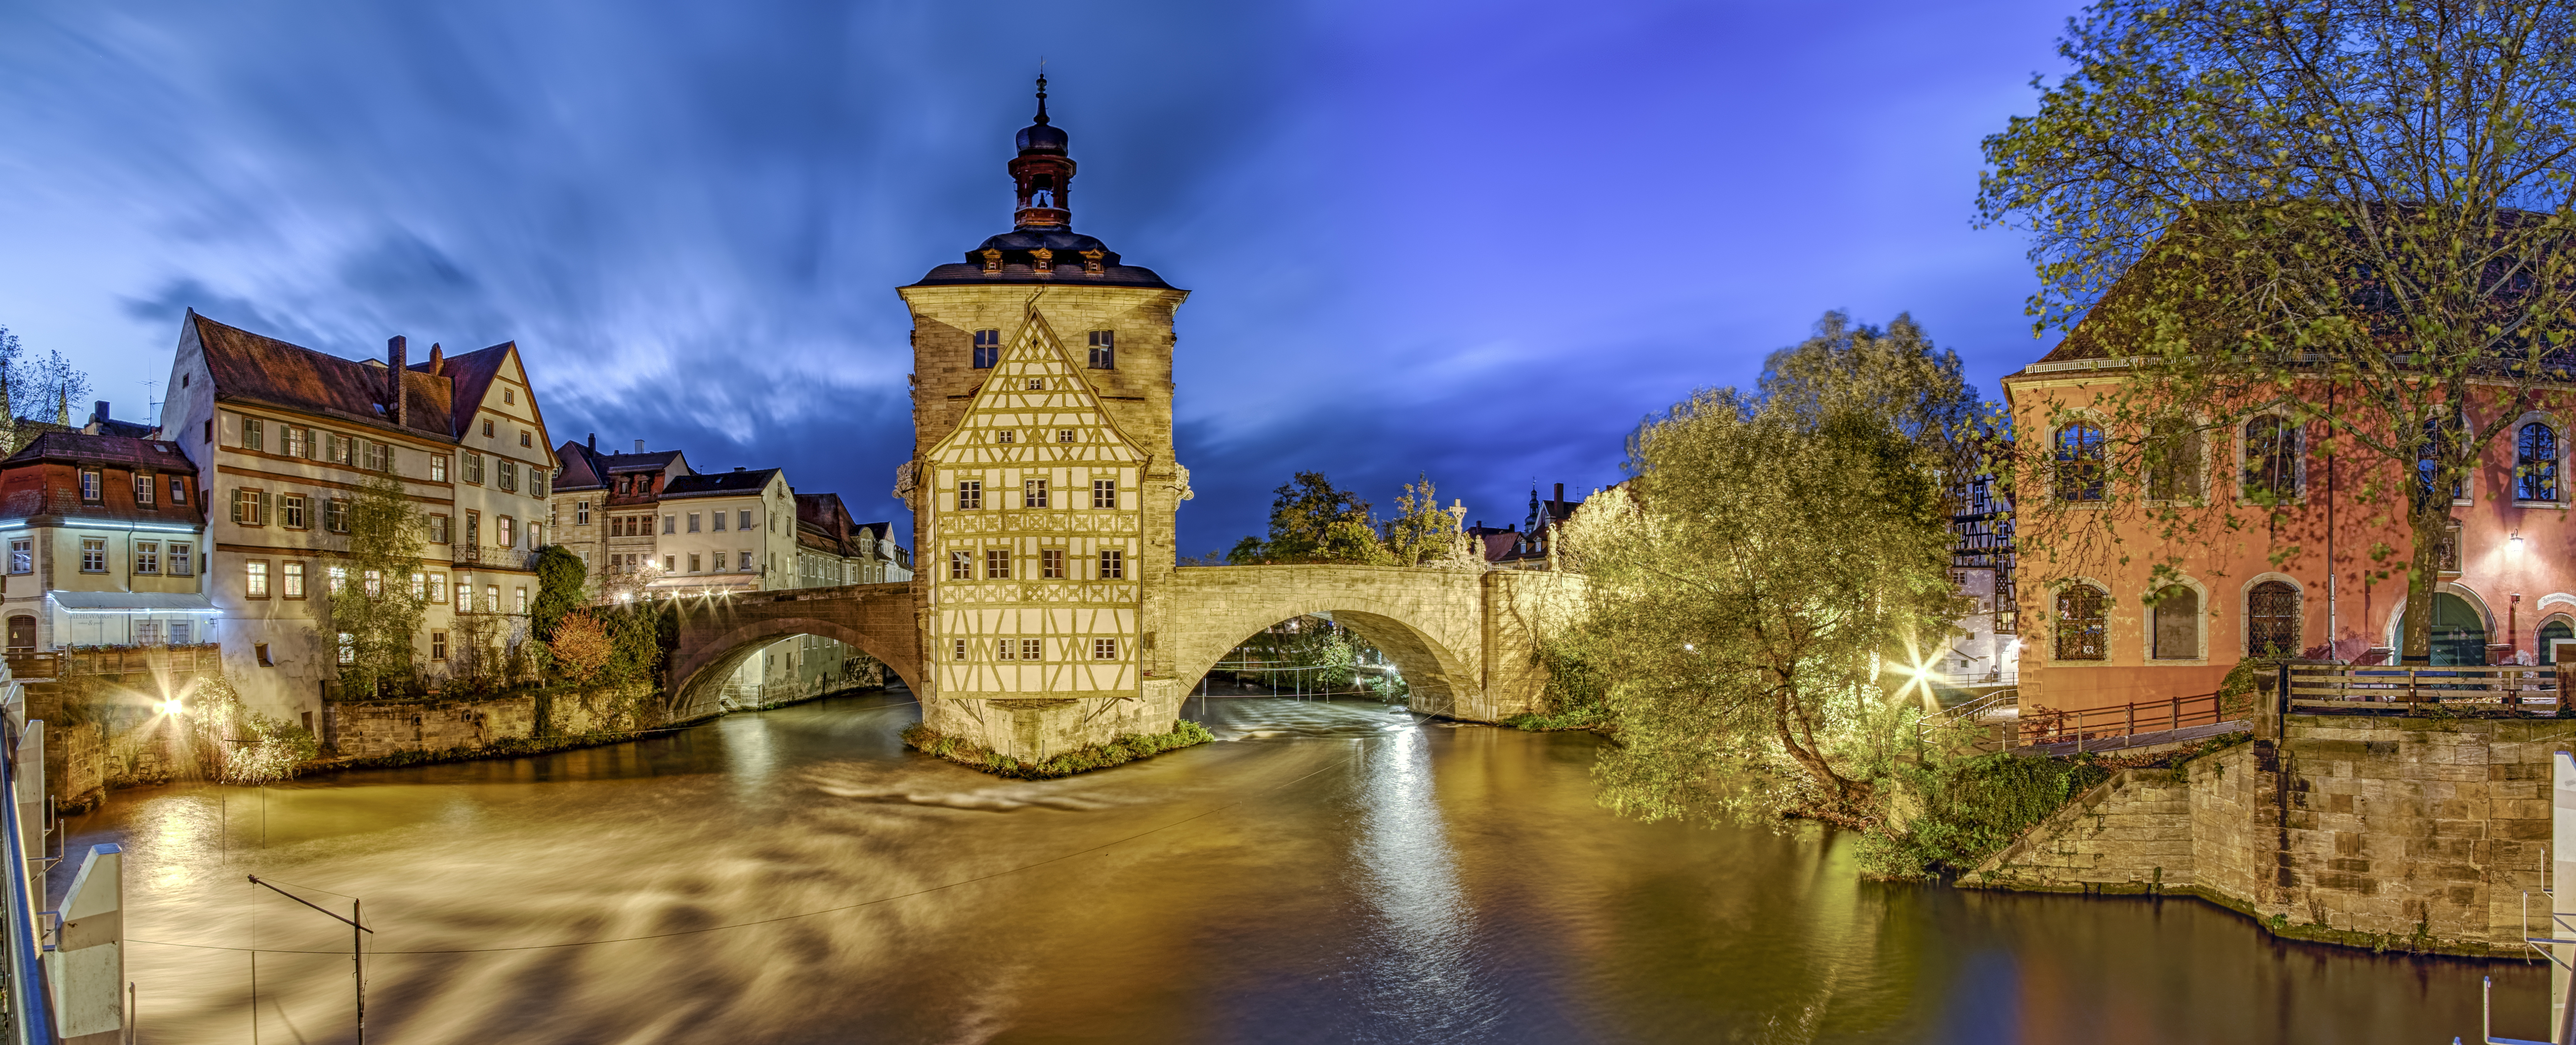 Bamburg Rathaus